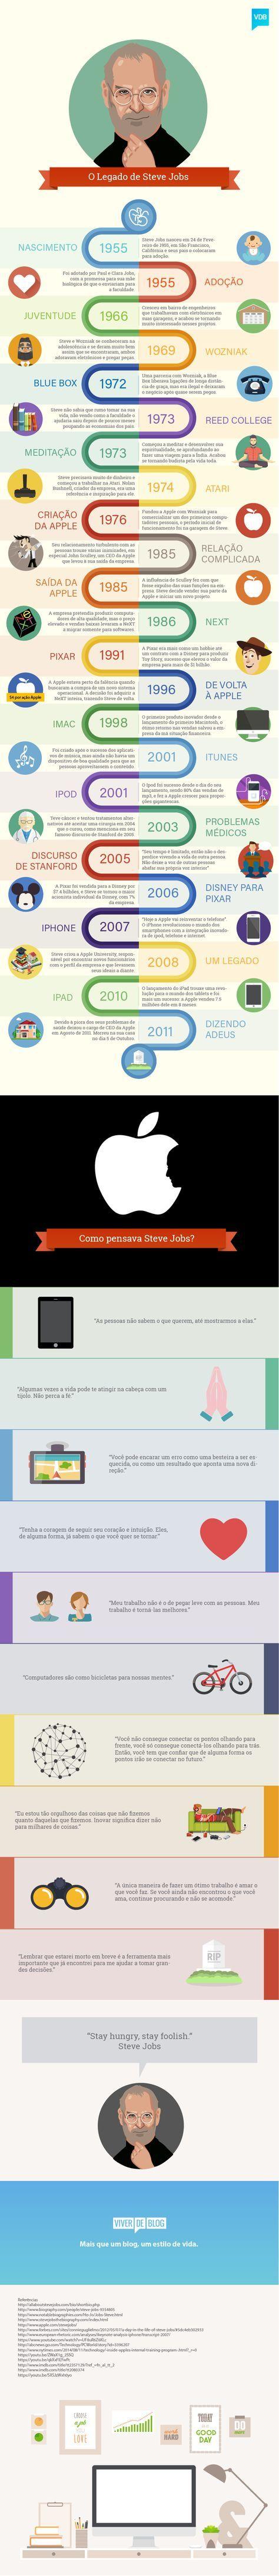 infografico-steve-jobs-5